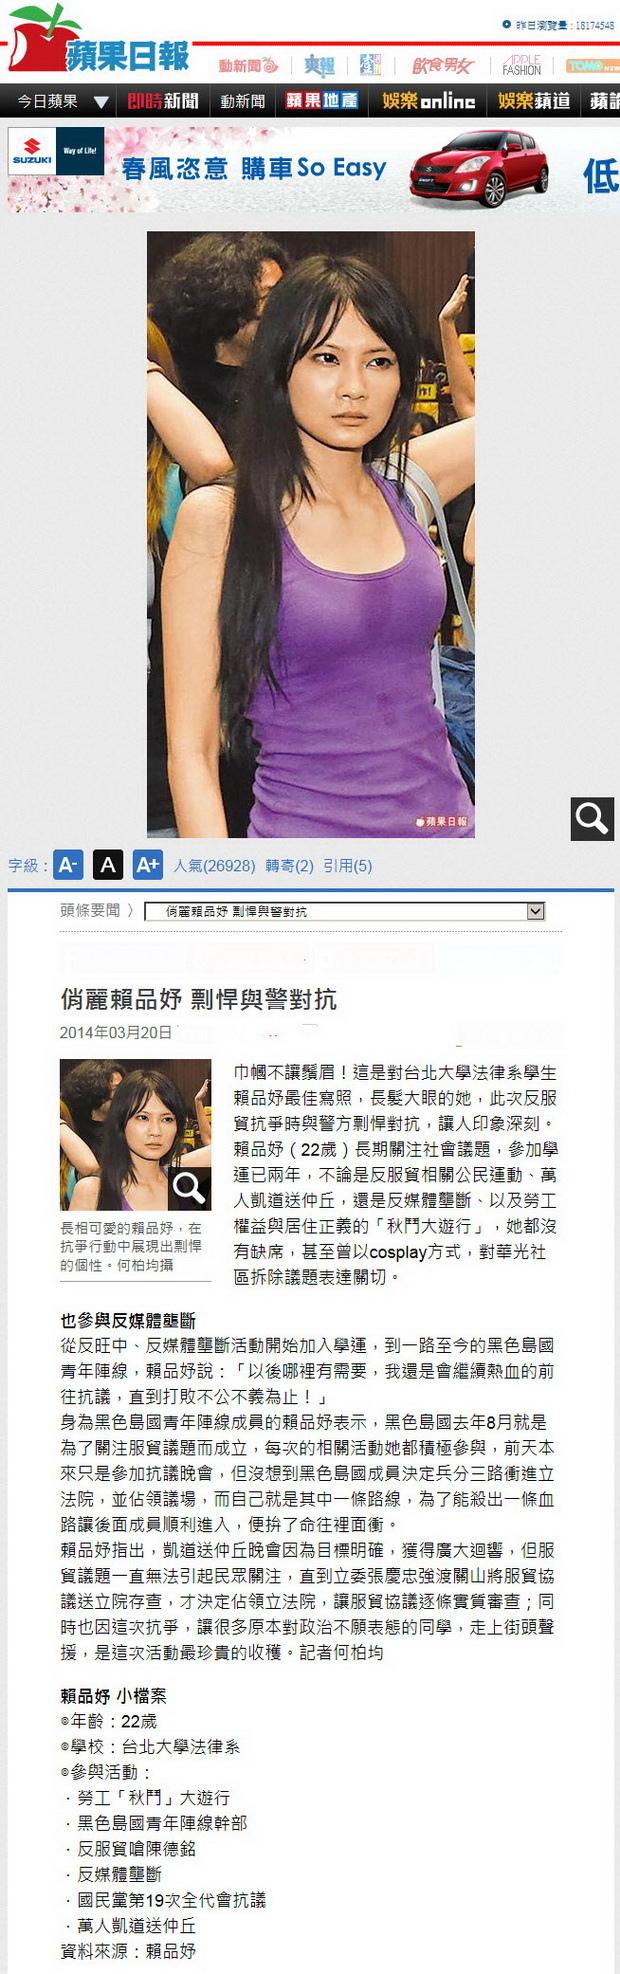 俏麗賴品妤 剽悍與警對抗 -2014.03.20.jpg